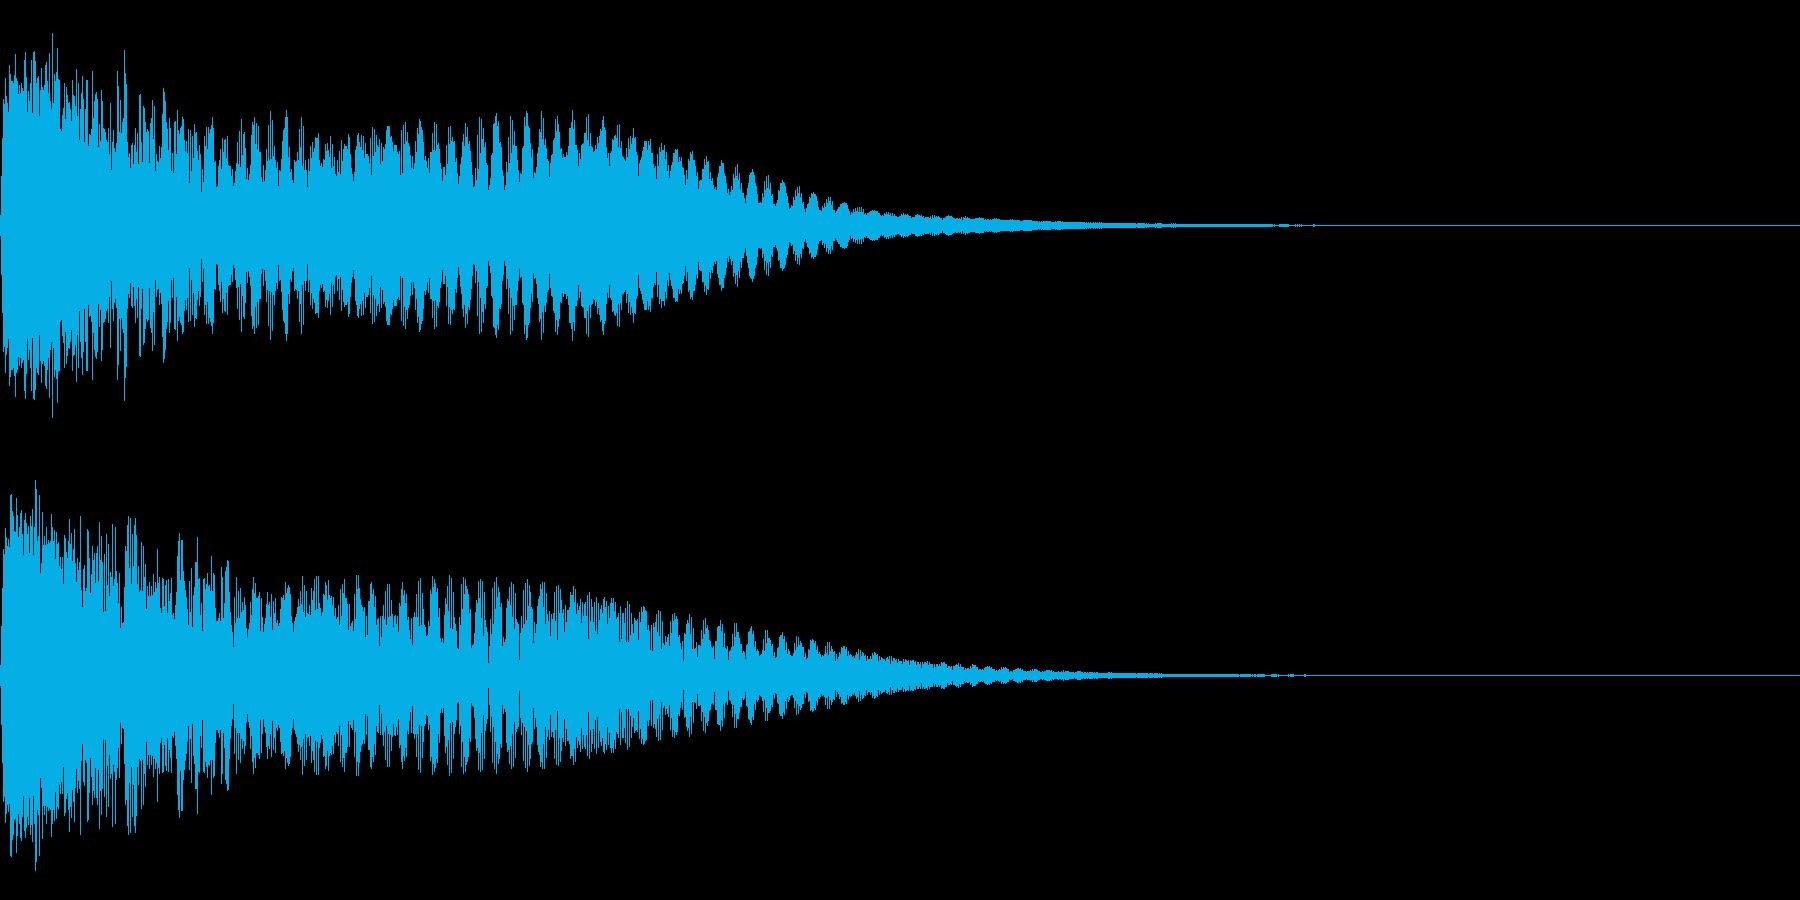 キュイン ボタン ピキーン キーン 24の再生済みの波形